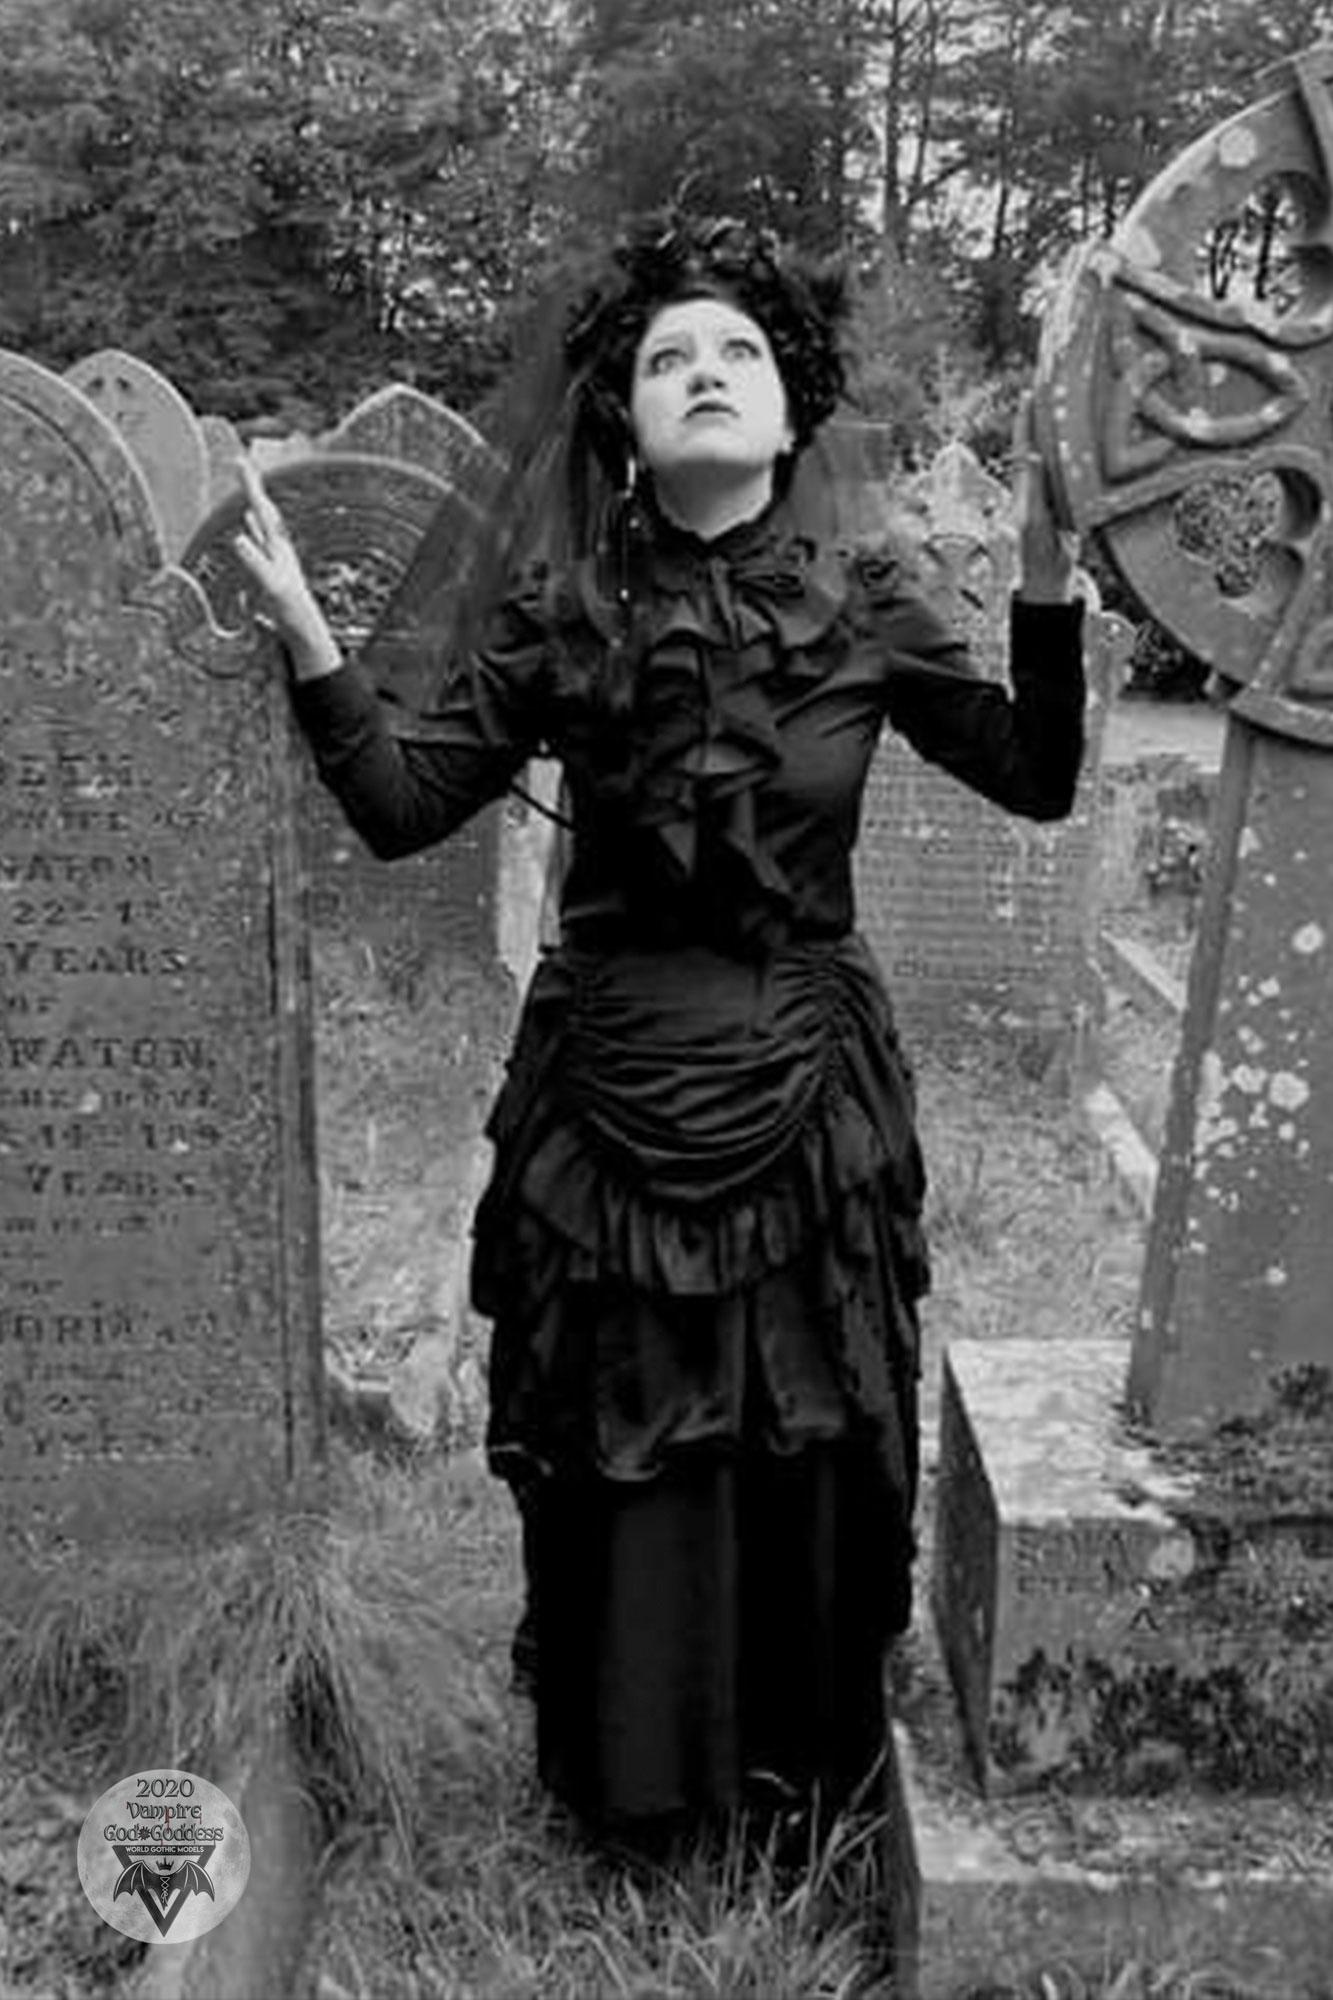 24. Elvera Von Maelstrom, UK